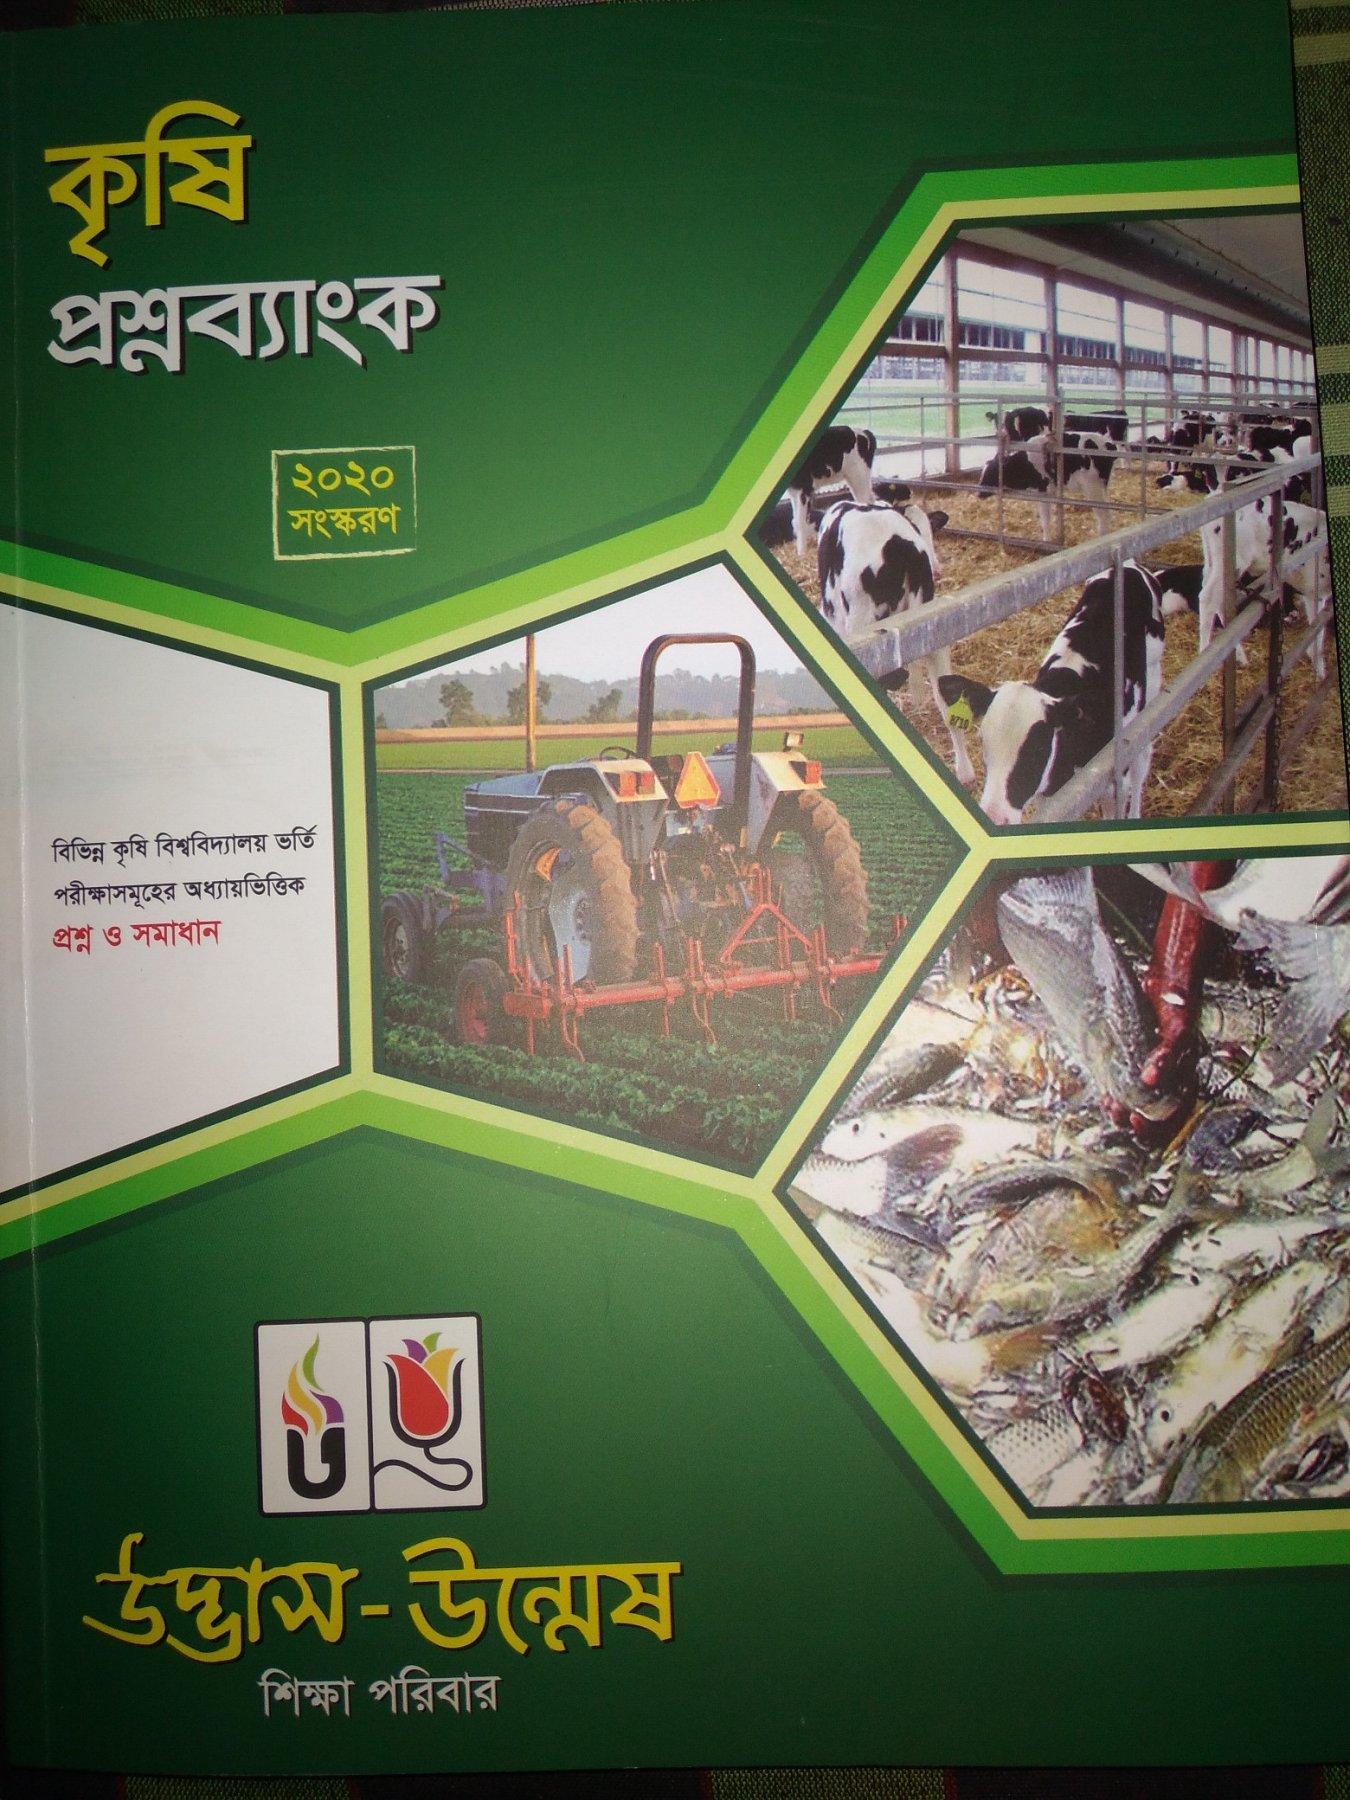 উদ্ভাস কৃষি প্রশ্নব্যাংক PDF Download - Udvash Agriculture Question Bank PDF